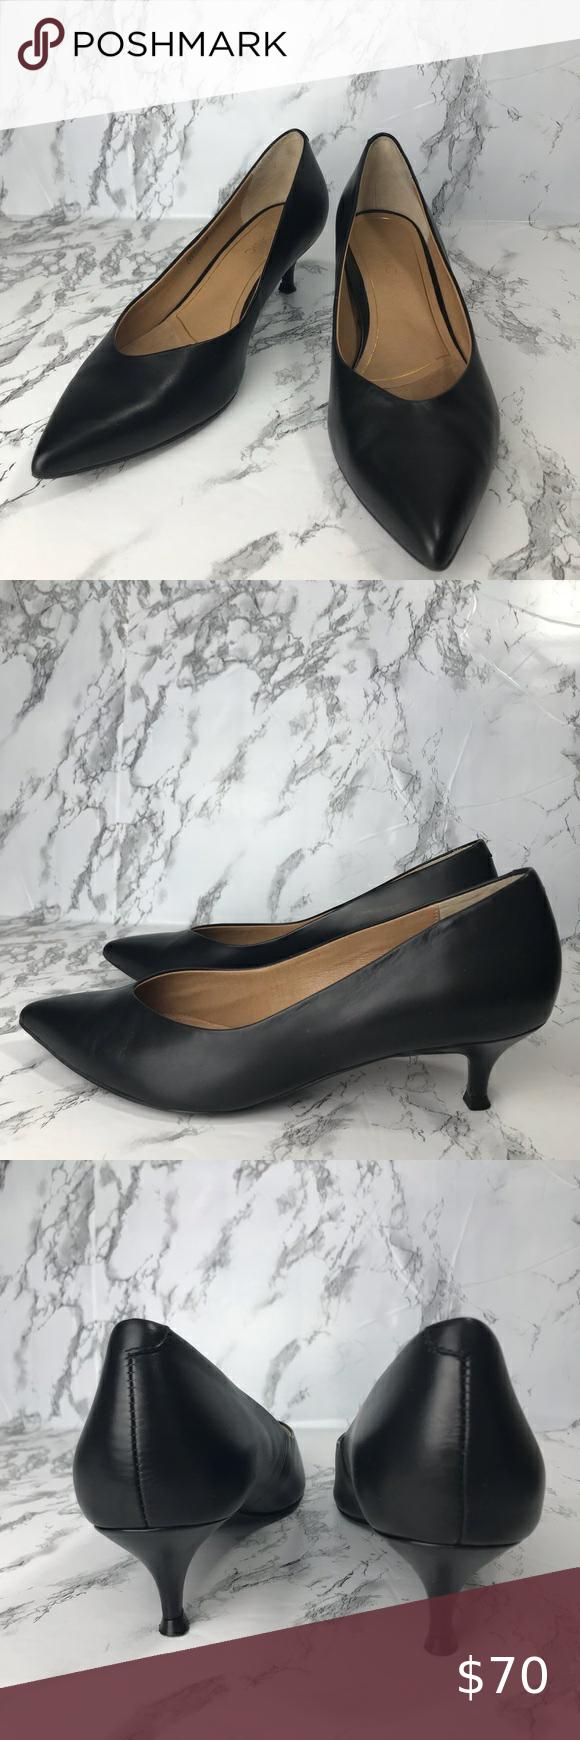 Vionic Josie Kitten Heel In Black In 2020 Kitten Heels Heels Shoes Women Heels